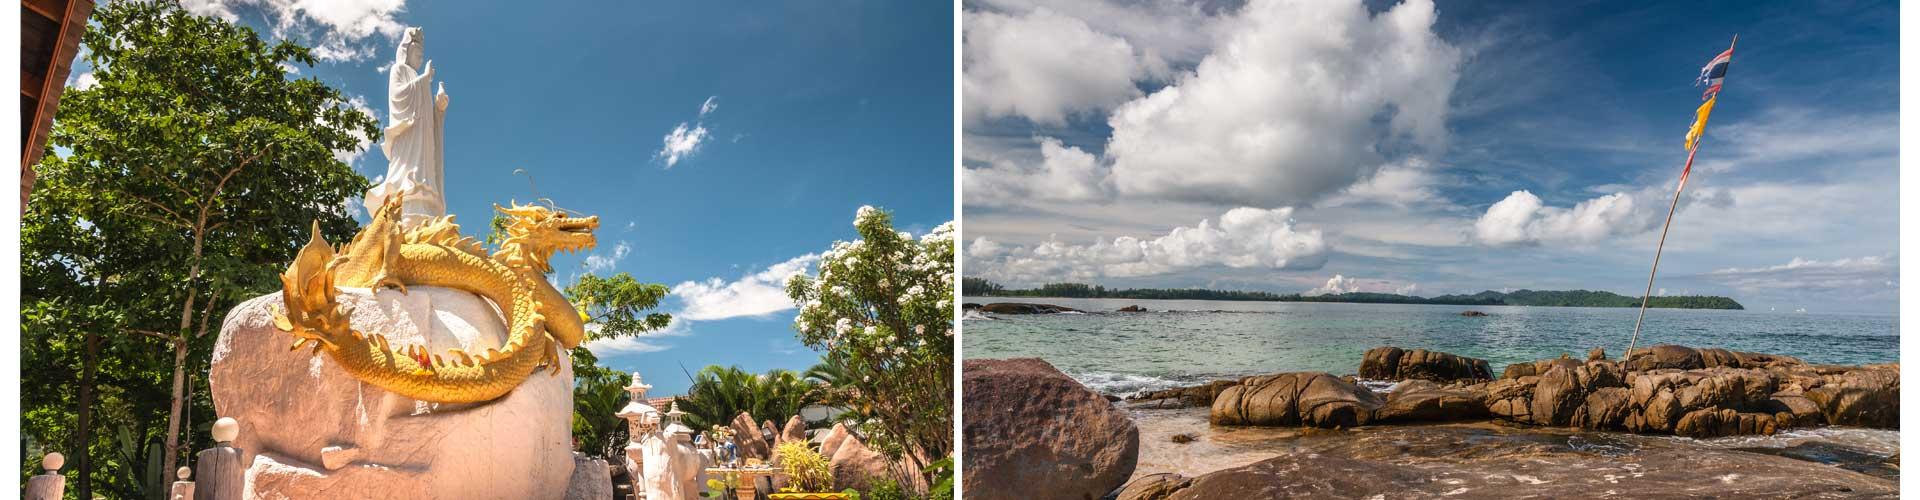 reisetagebuch thailand skulptur strand